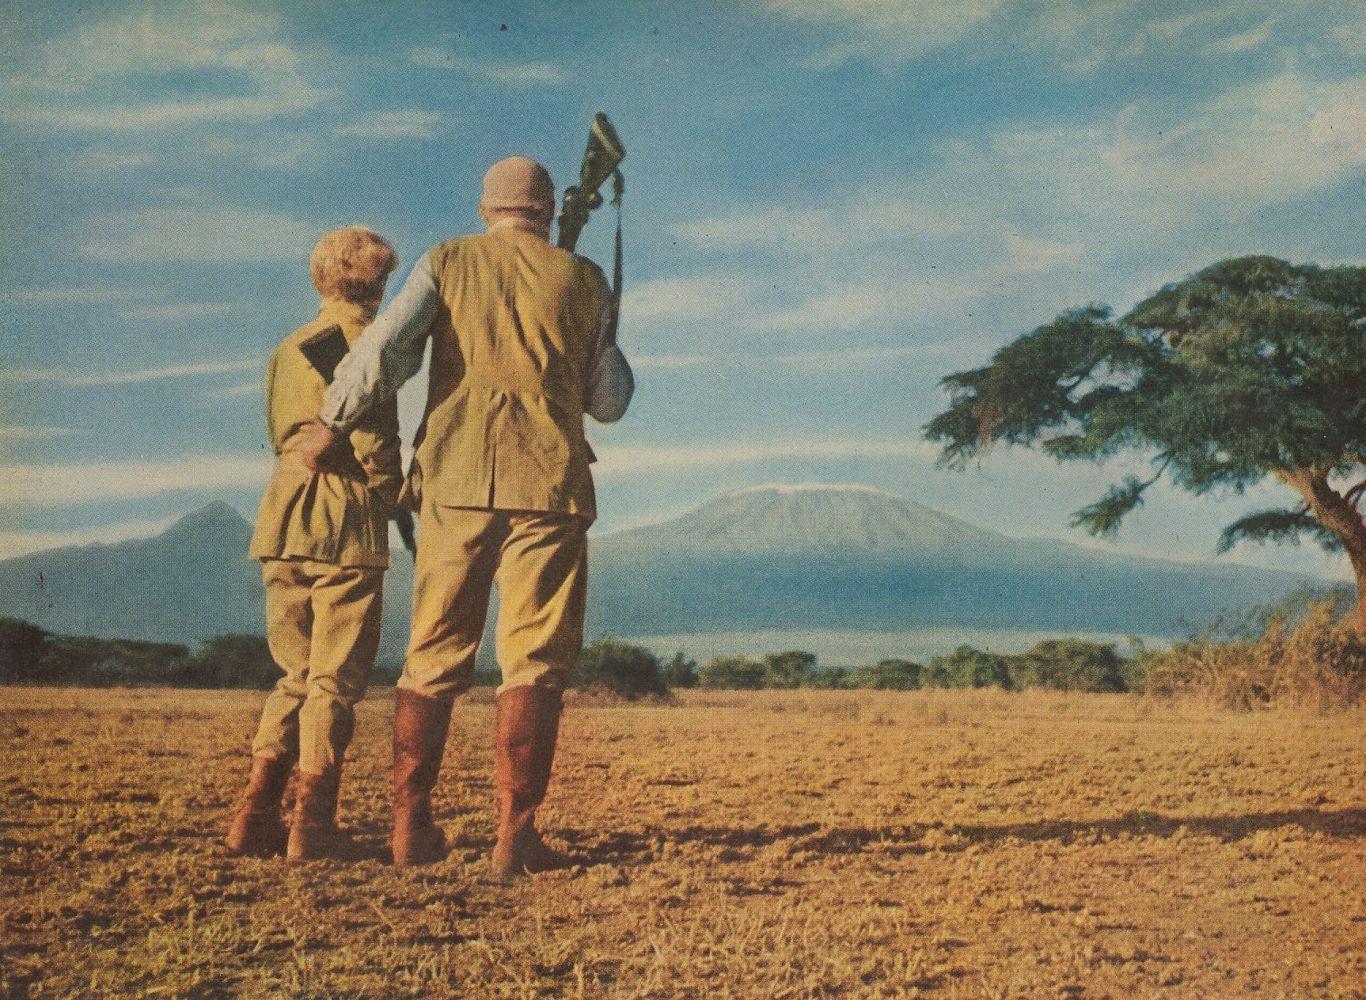 salvaje, simbólica - Las nieves del Kilimanjaro de Hemingway es un cuento corto pero lleno de significación y símbolos, lleno de todo el ambiente propio de sus narraciones: caza, sangre, muerte.En esta reseña encontrarás el análisis, resumen y más sobre esta historia, profundamente biográfica, del Nobel de literatura norteamericano.